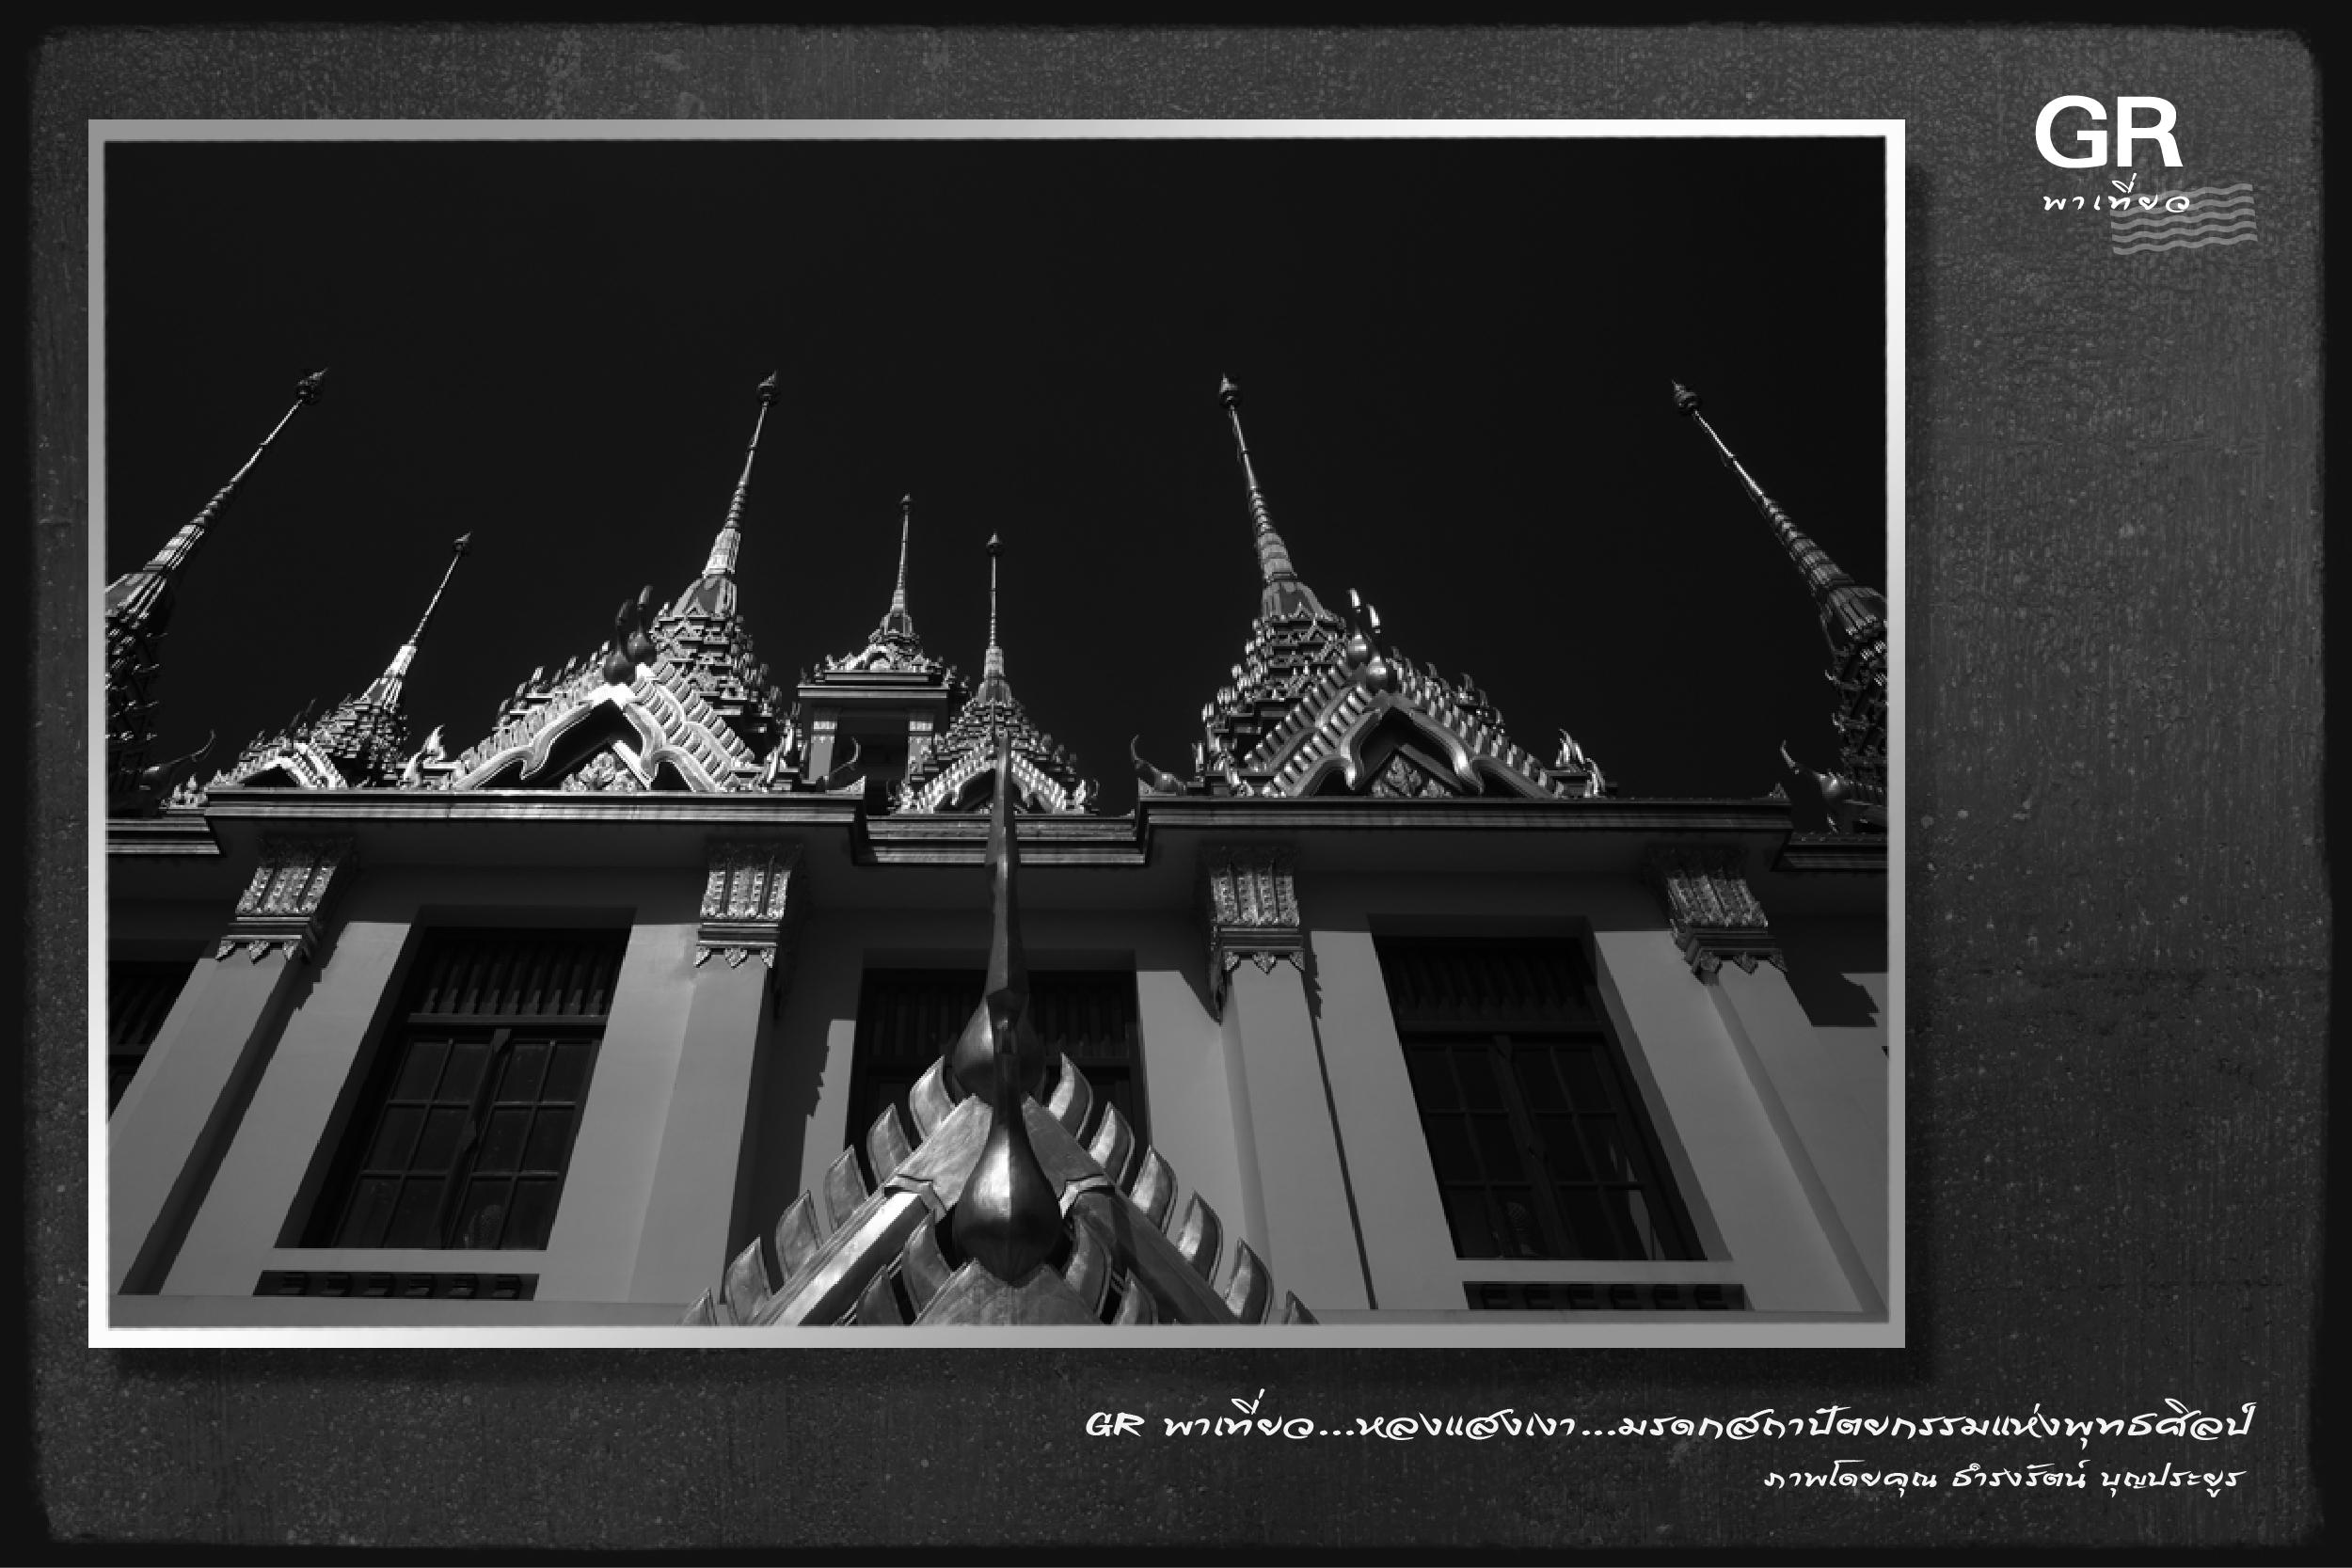 Ricoh GR พาเที่ยว…หลงแสงเงา มรดกสถาปัตยกรรมแห่งพุทธศิลป์